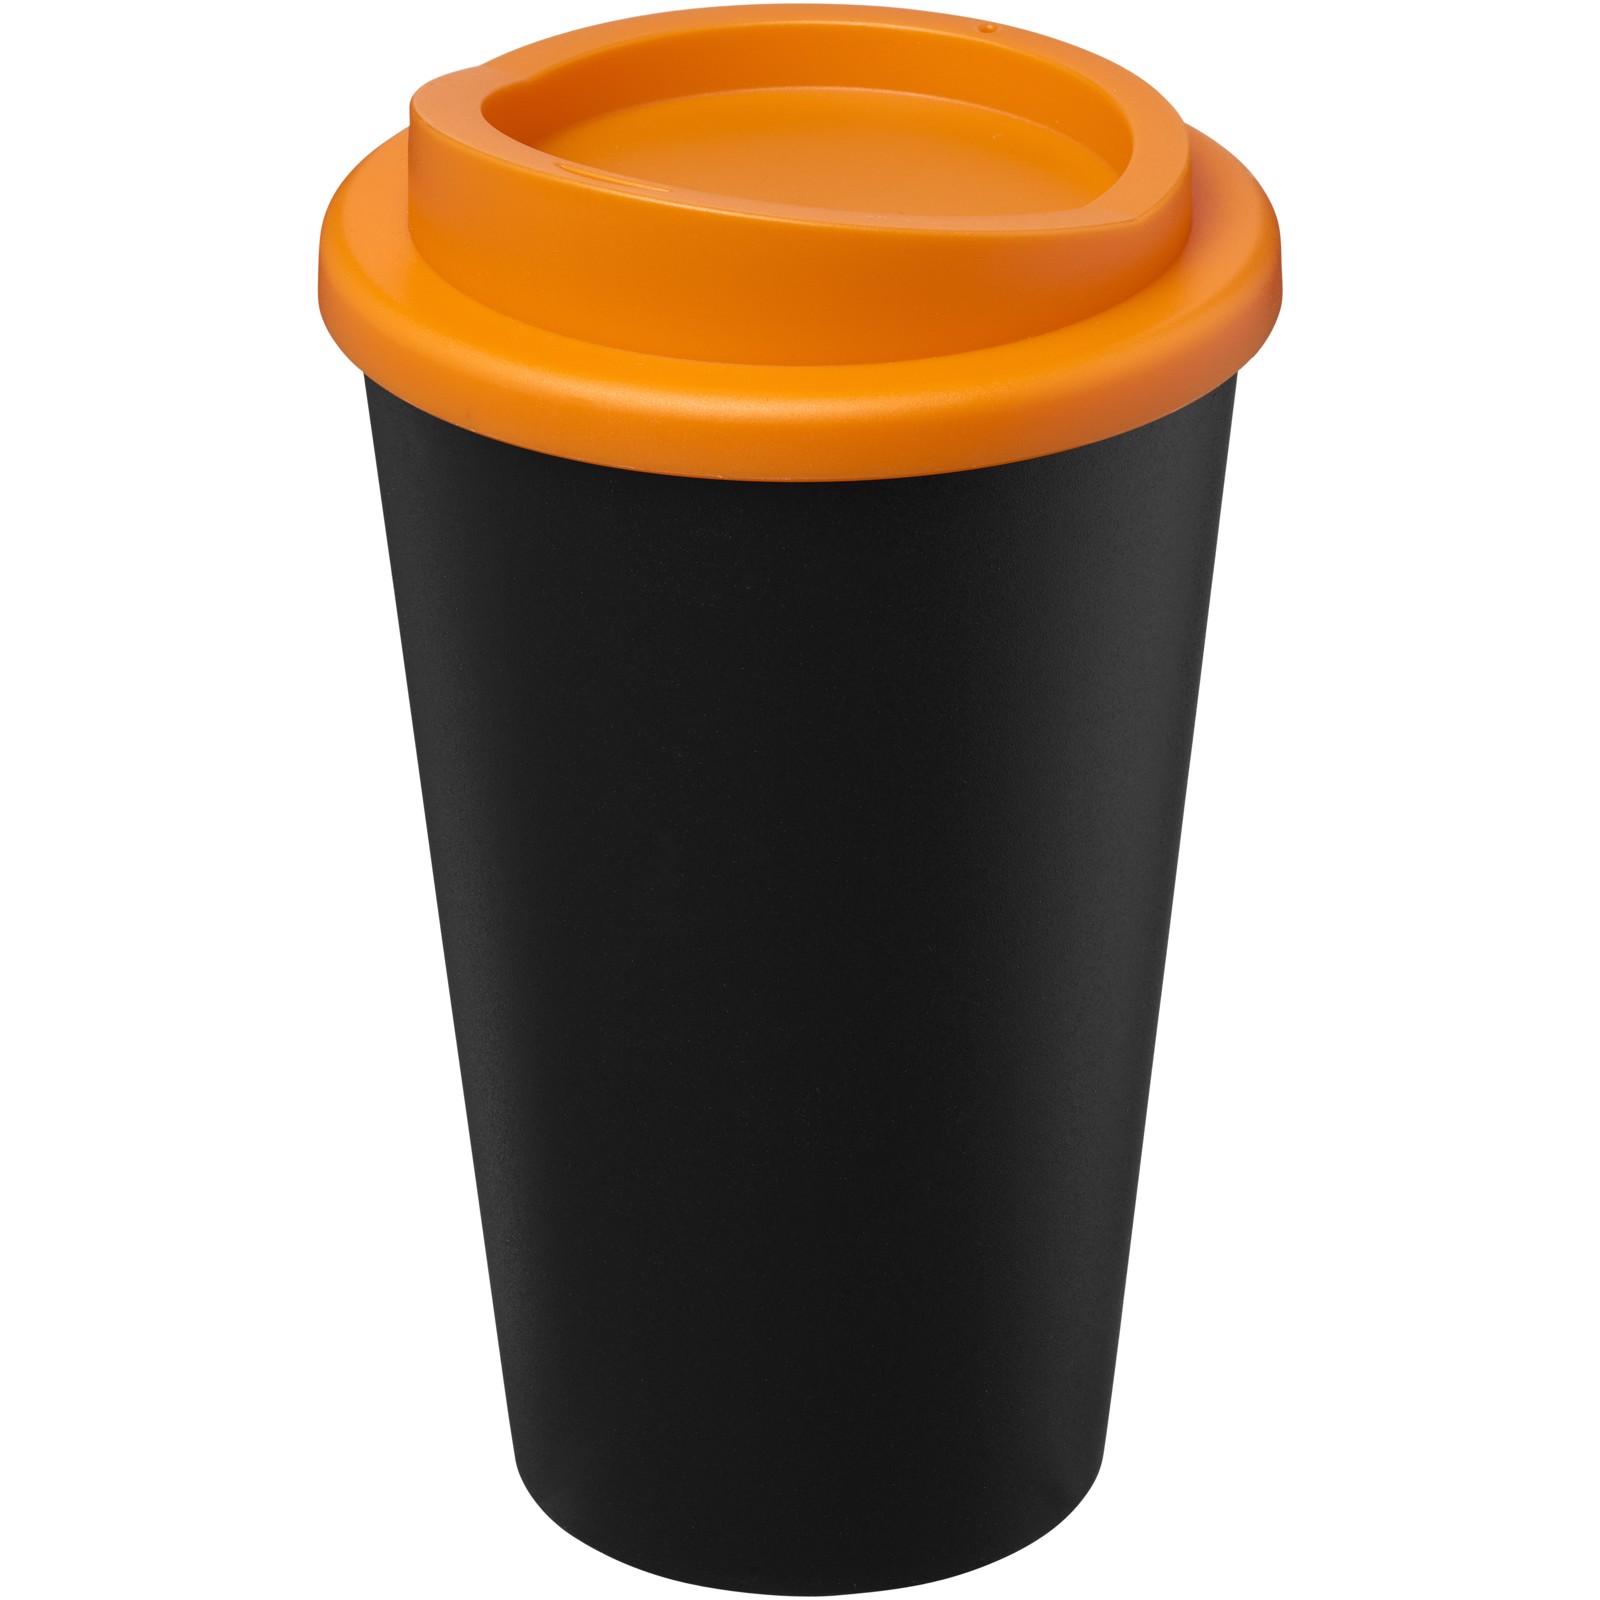 Americano Eco Vaso reciclado de 350 ml - Negro intenso / Naranja